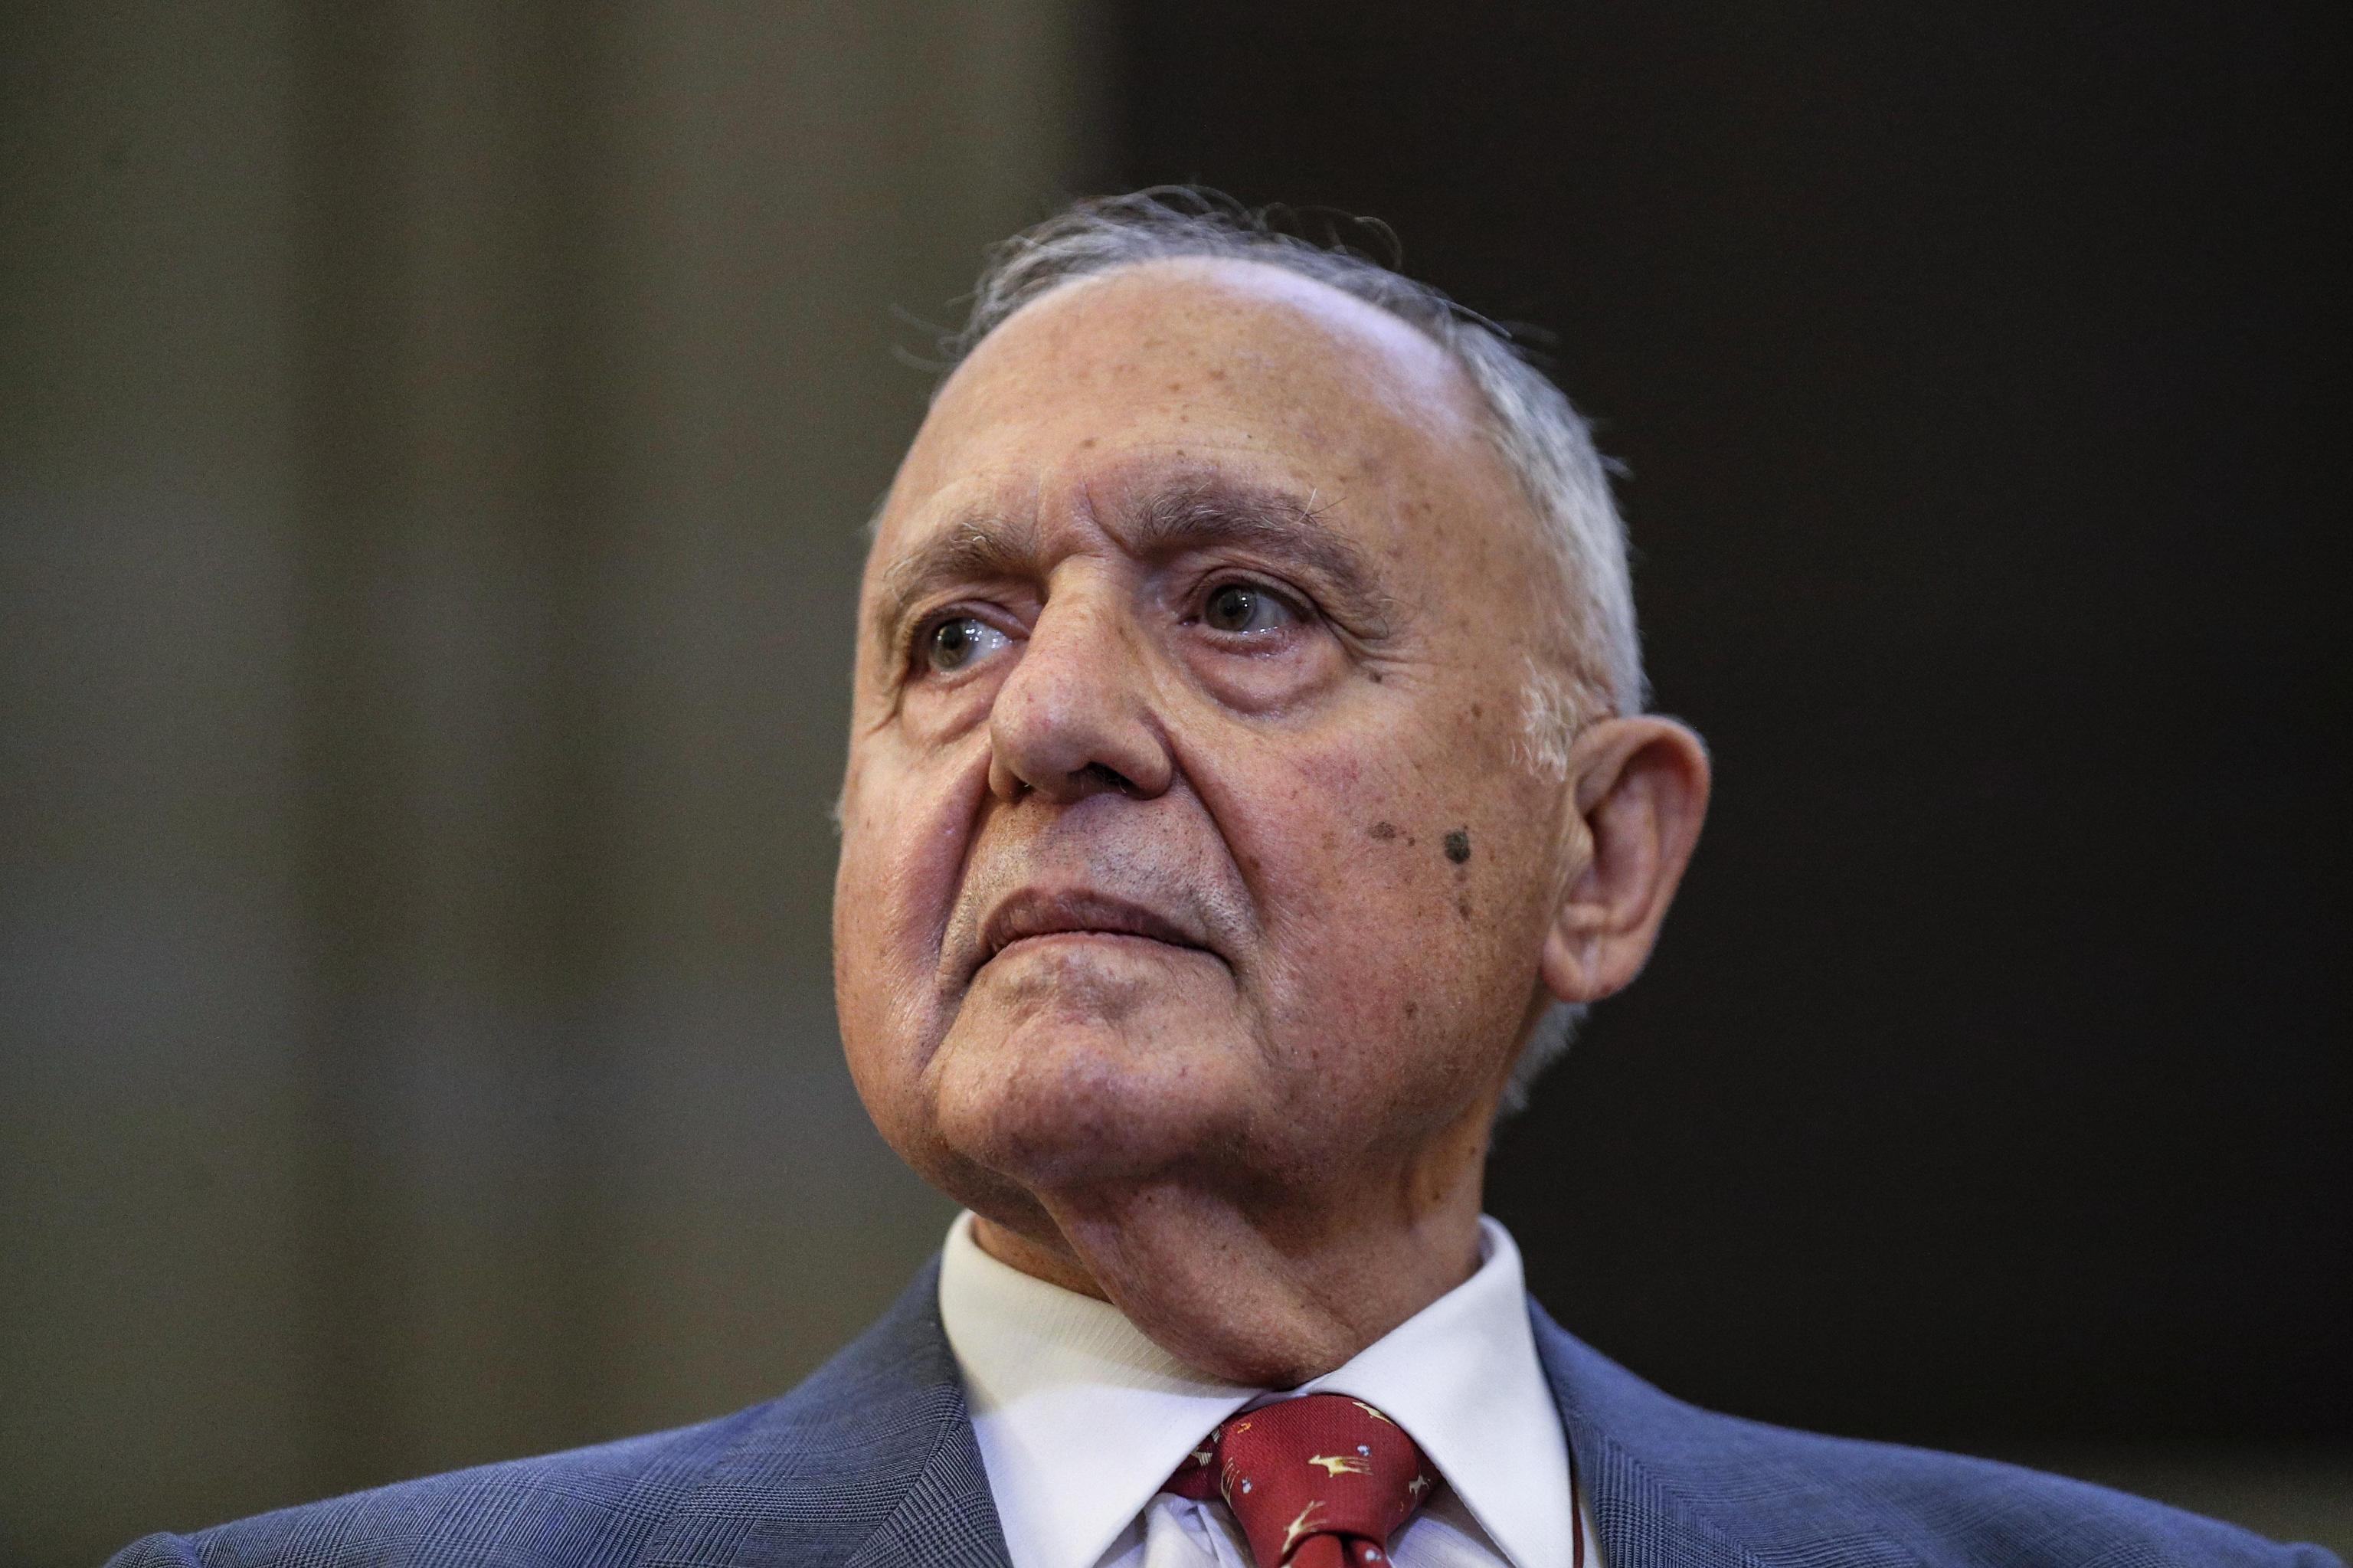 Il ministro Paolo Savona è indagato per usura bancaria a Campobasso